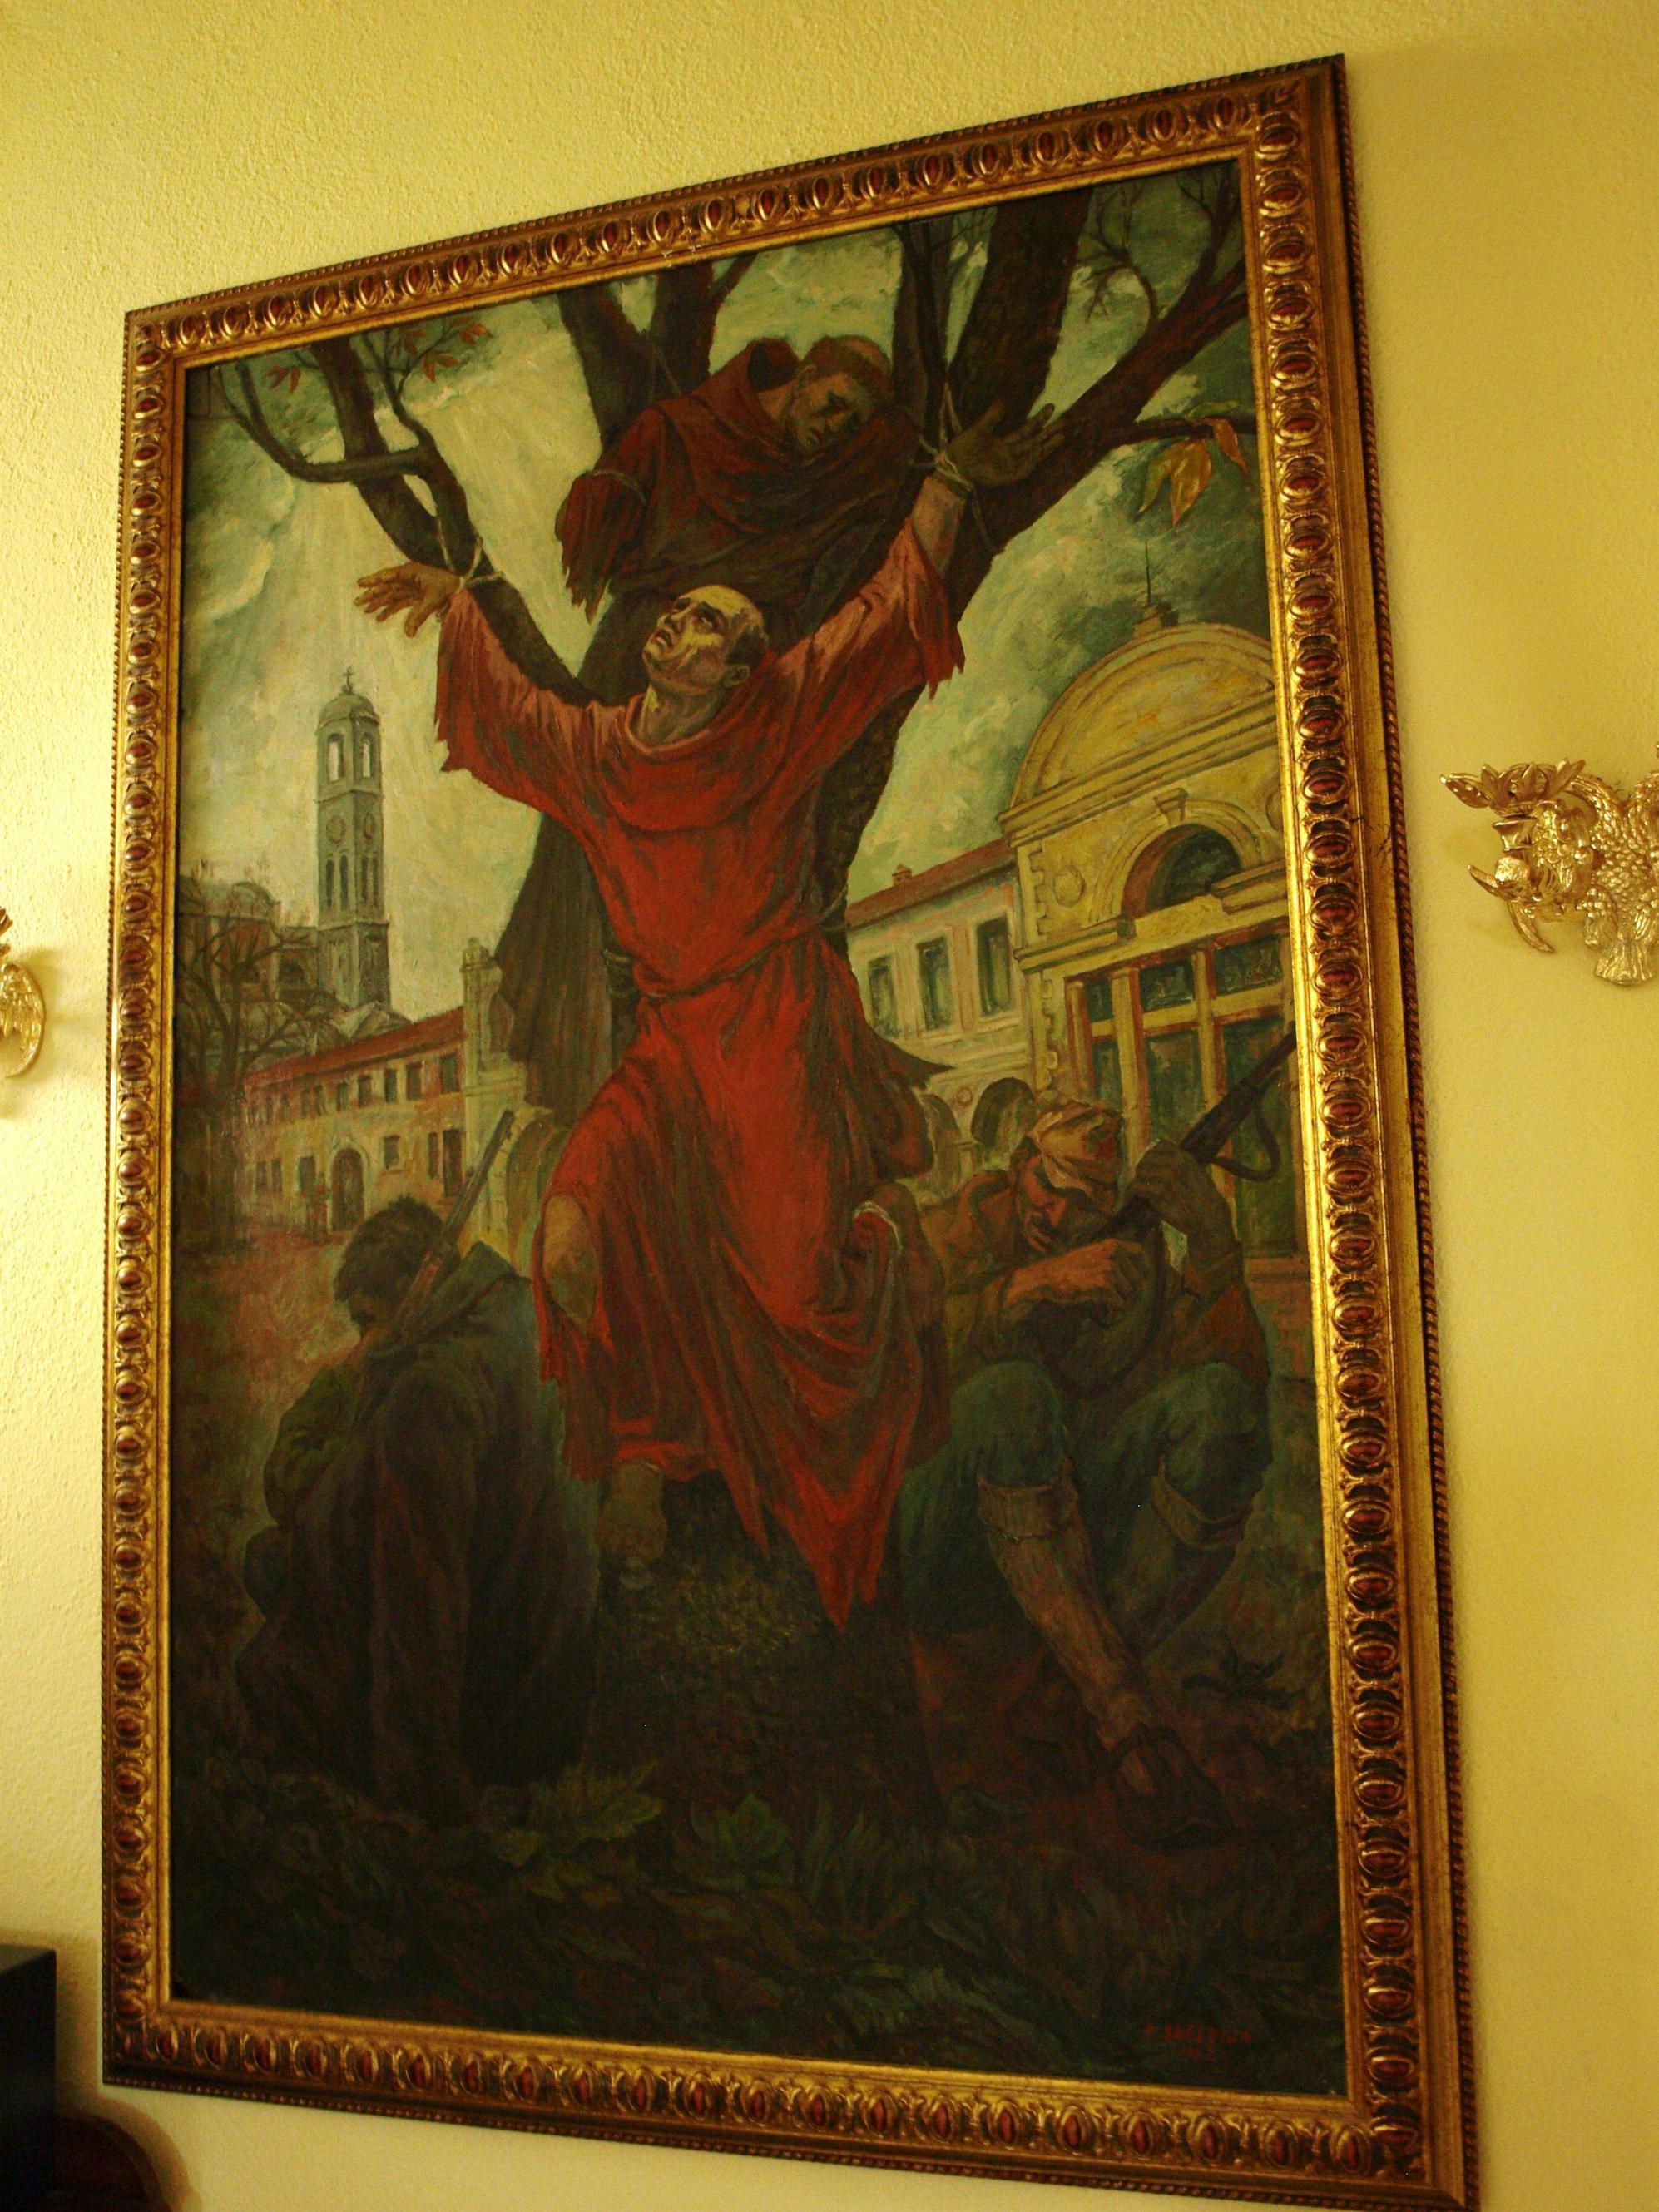 Соцреализм и антикоммунизм в Албании gx0WL4Q.jpeg